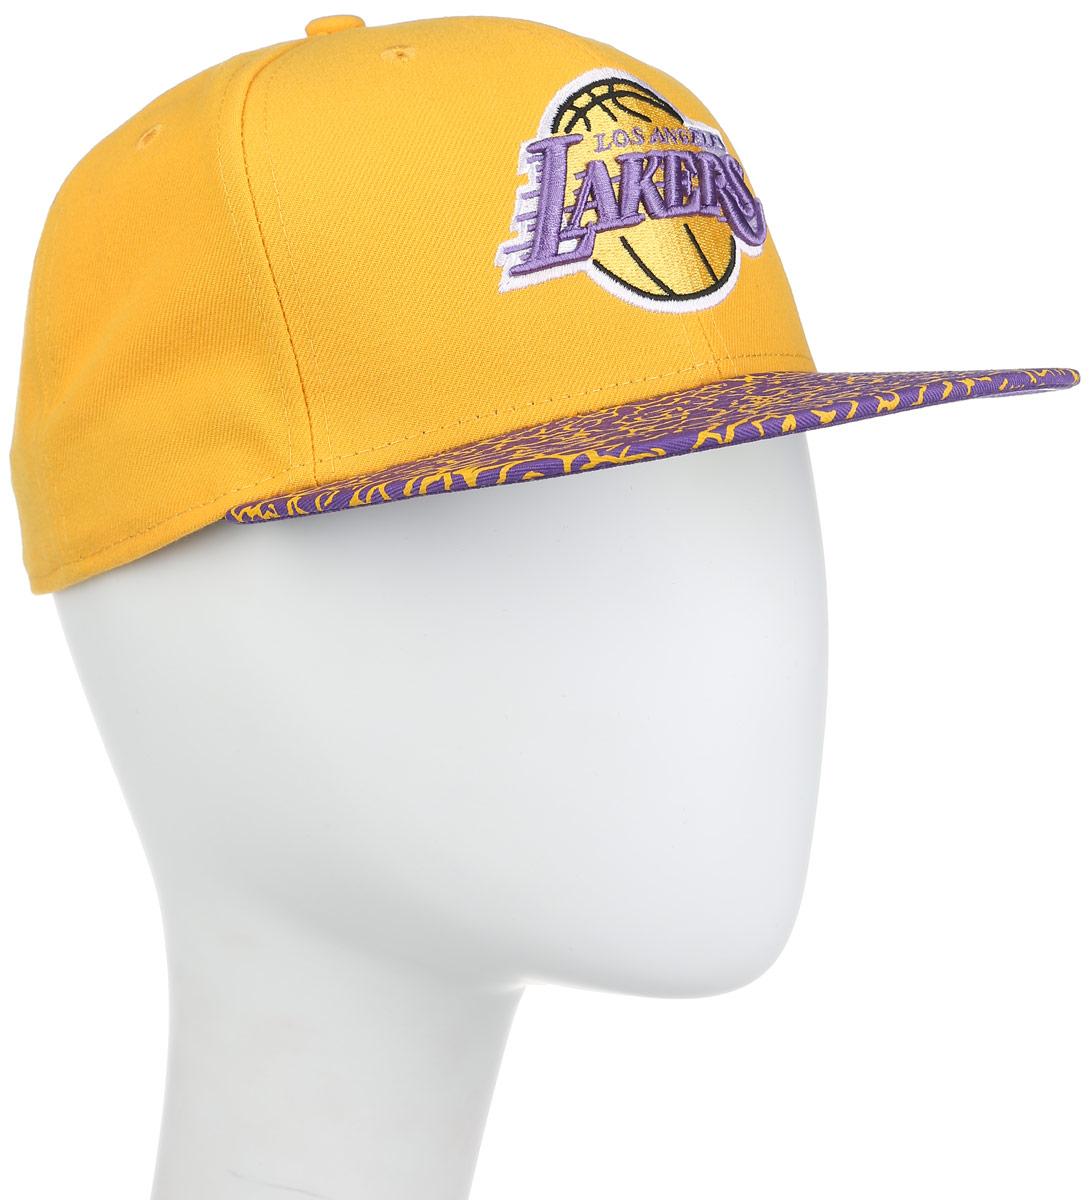 11210295-TEAMСтильная бейсболка New Era Los Angeles Lakers, выполненная из высококачественных материалов, идеально подойдет для прогулок, занятий спортом и отдыха. Изделие оформлено объемным вышитым логотипом знаменитой бейсбольной команды и логотипом производителя. Ничто не говорит о настоящем любителе путешествий больше, чем любимая кепка. Эта модель станет отличным аксессуаром и дополнит ваш повседневный образ.